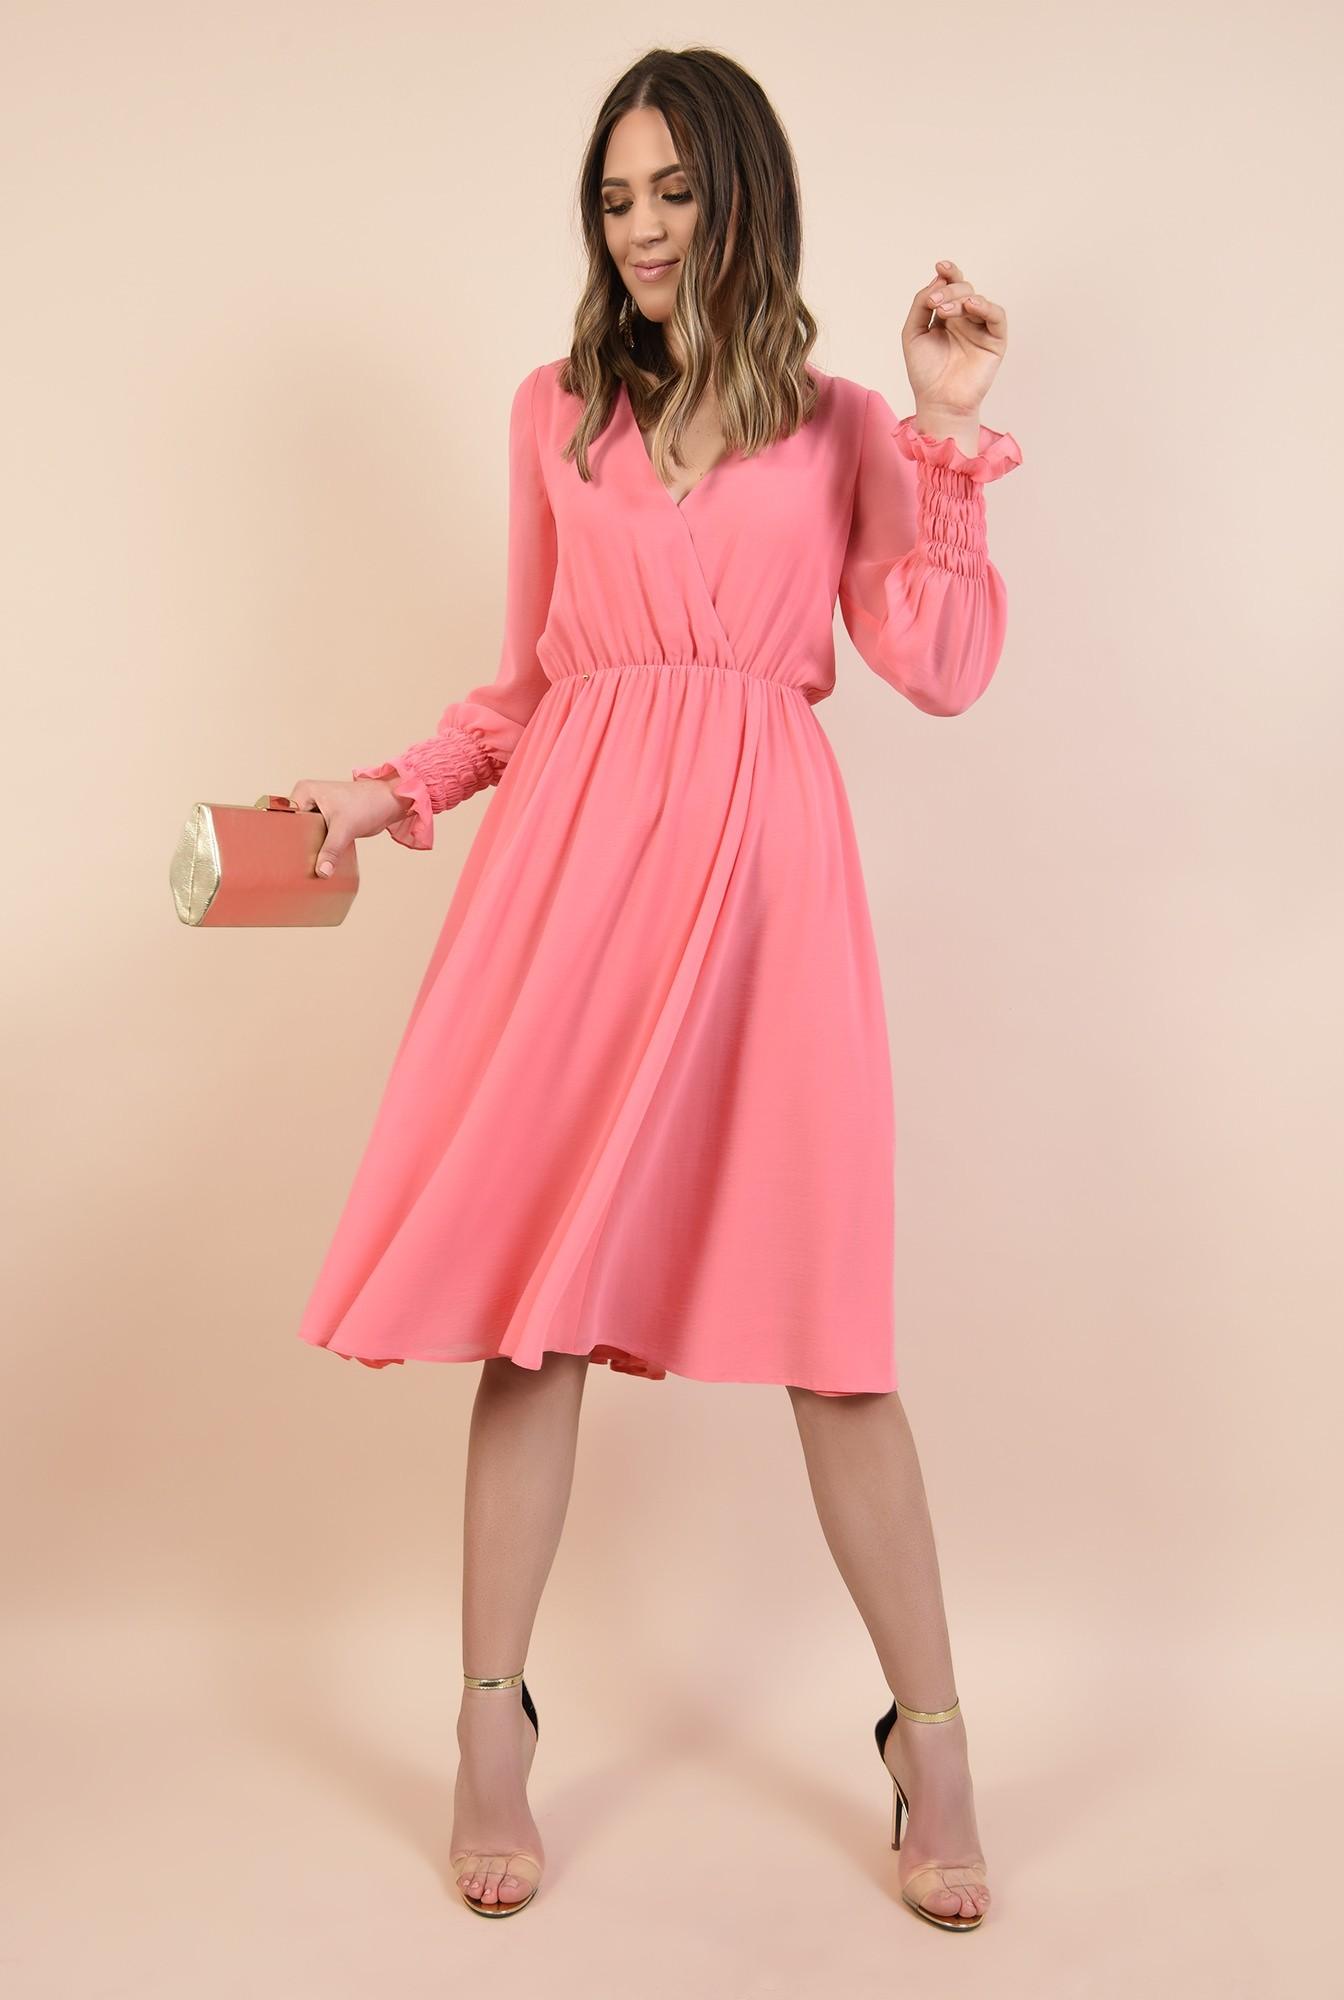 360 - rochie roz, midi, evazata, maneci lungi cu mansete elastice, Poema